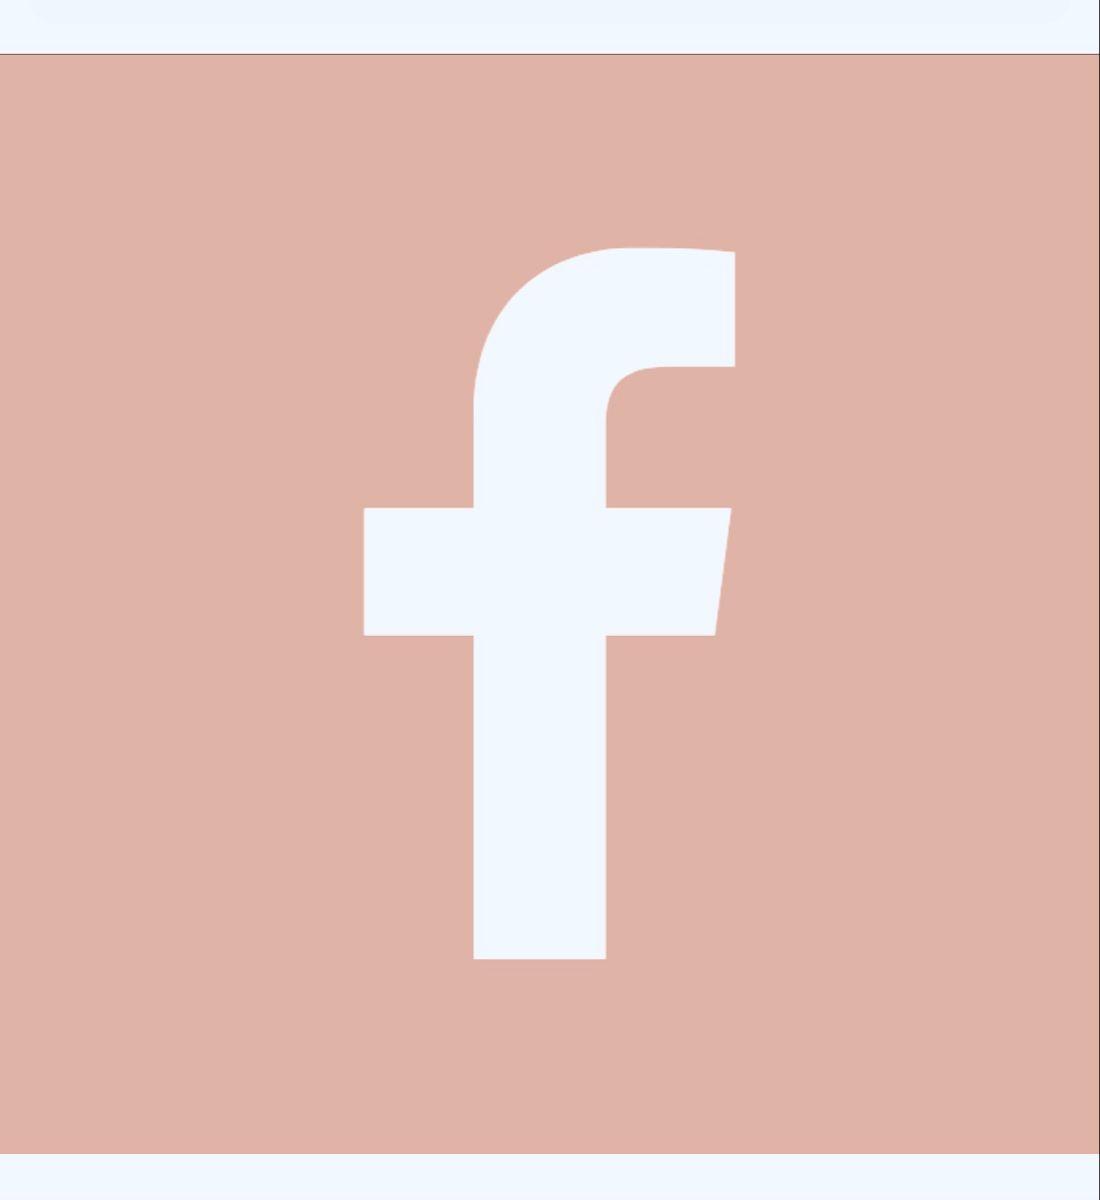 Facebook Aesthetic Icon Icon App Icon Facebook App